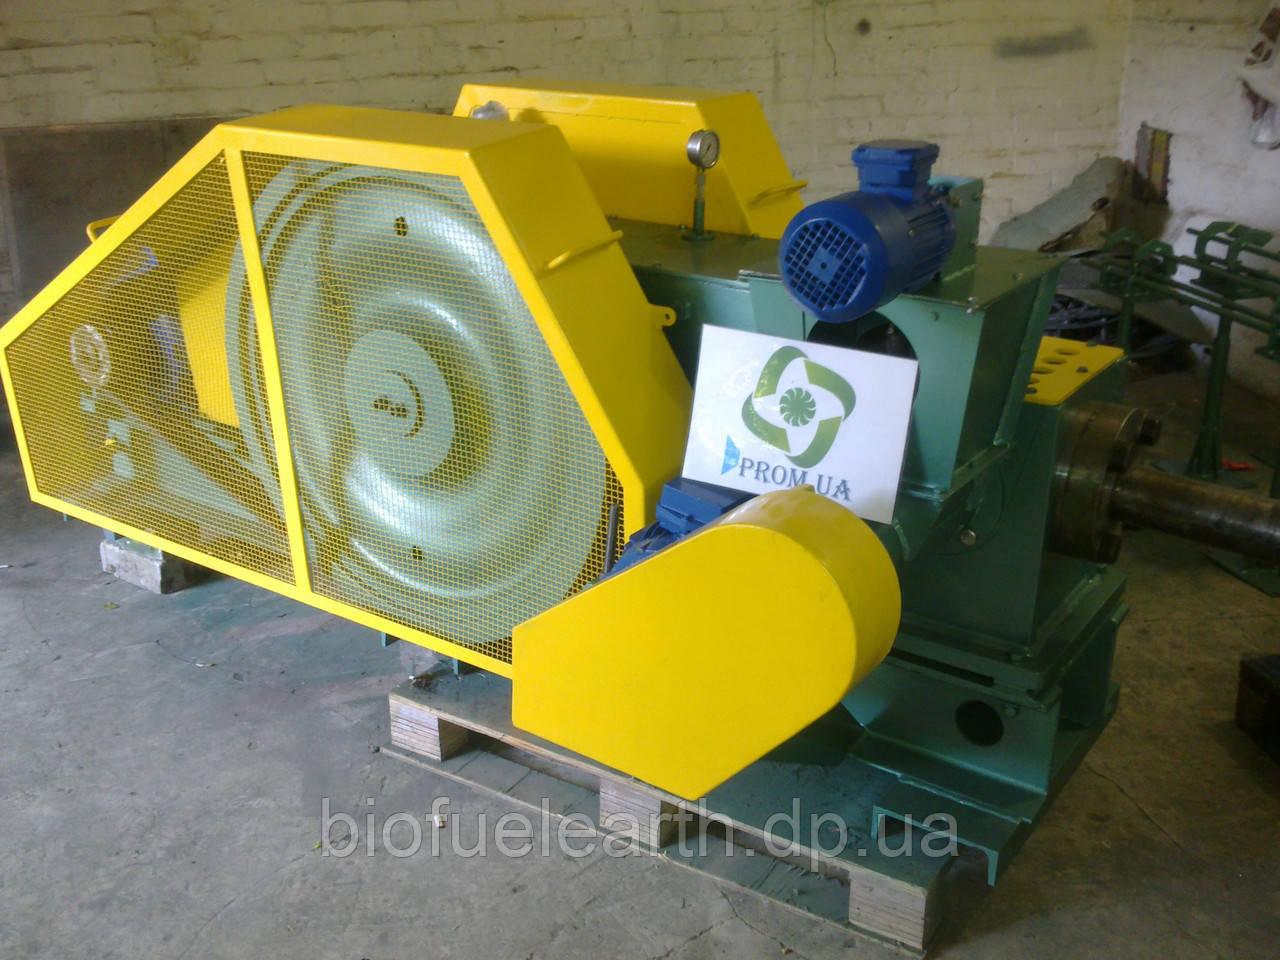 Пресс для брикетирования отходов Wektor